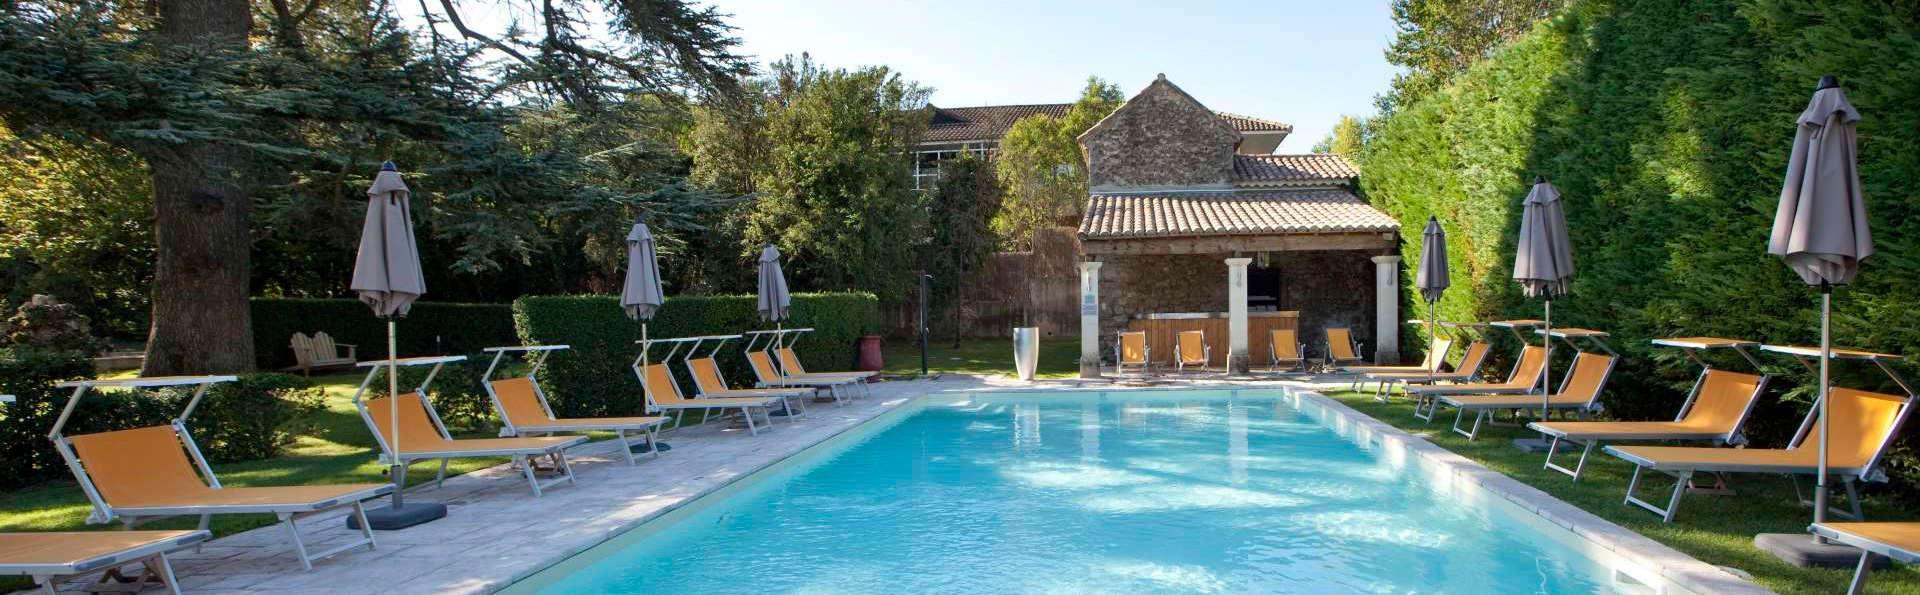 Escapade aux portes de la Provence, près d'Orange